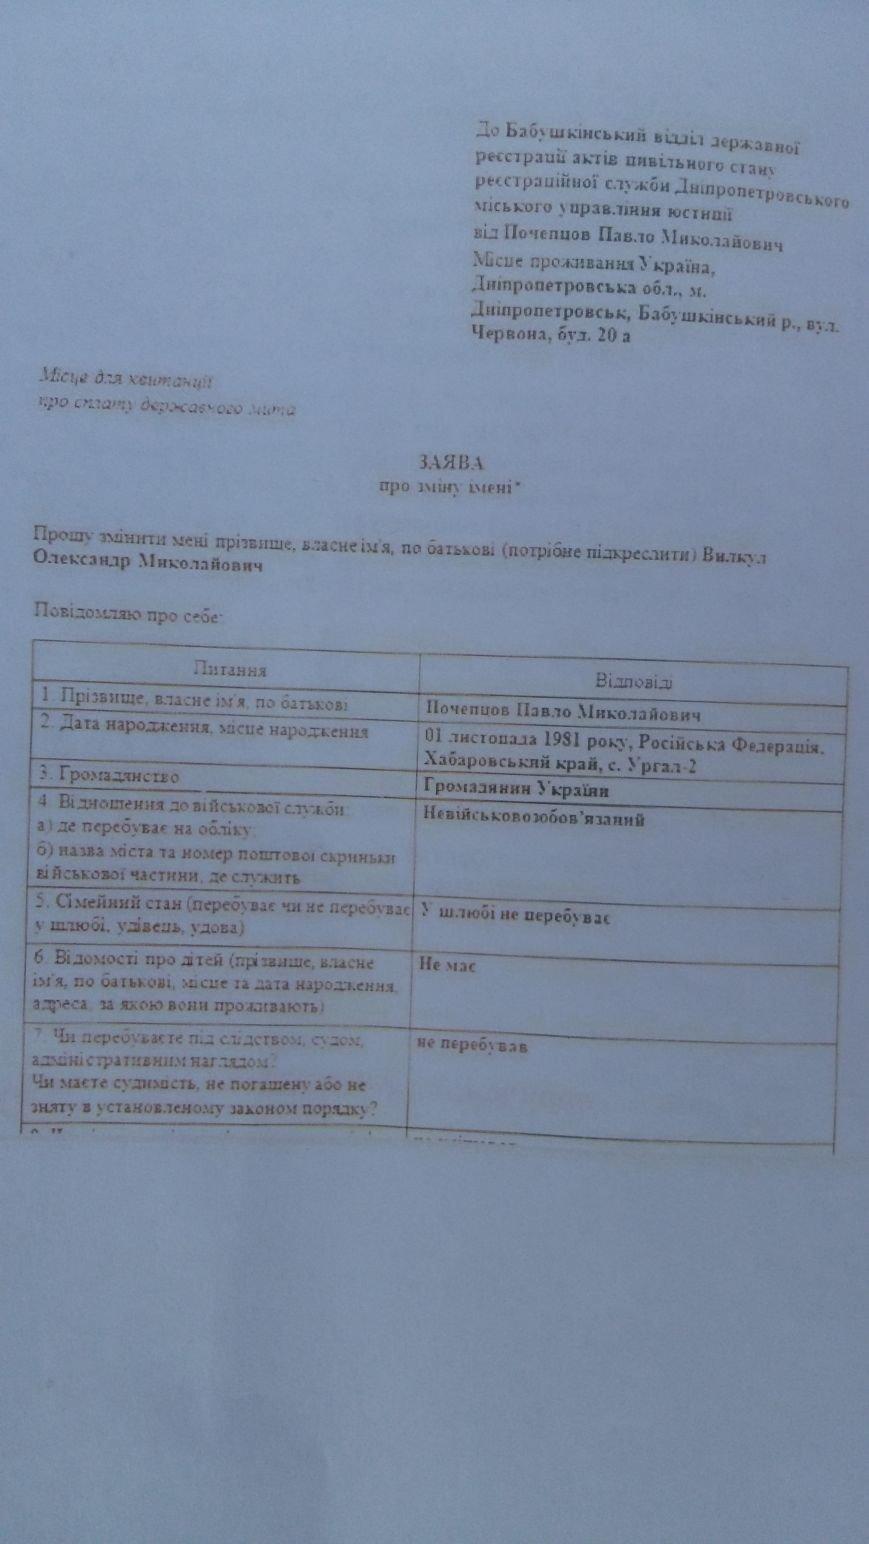 В Днепропетровске пытаются зарегистрировать двух людей под моим именем, чтобы вести грязную кампанию (фото) - фото 1